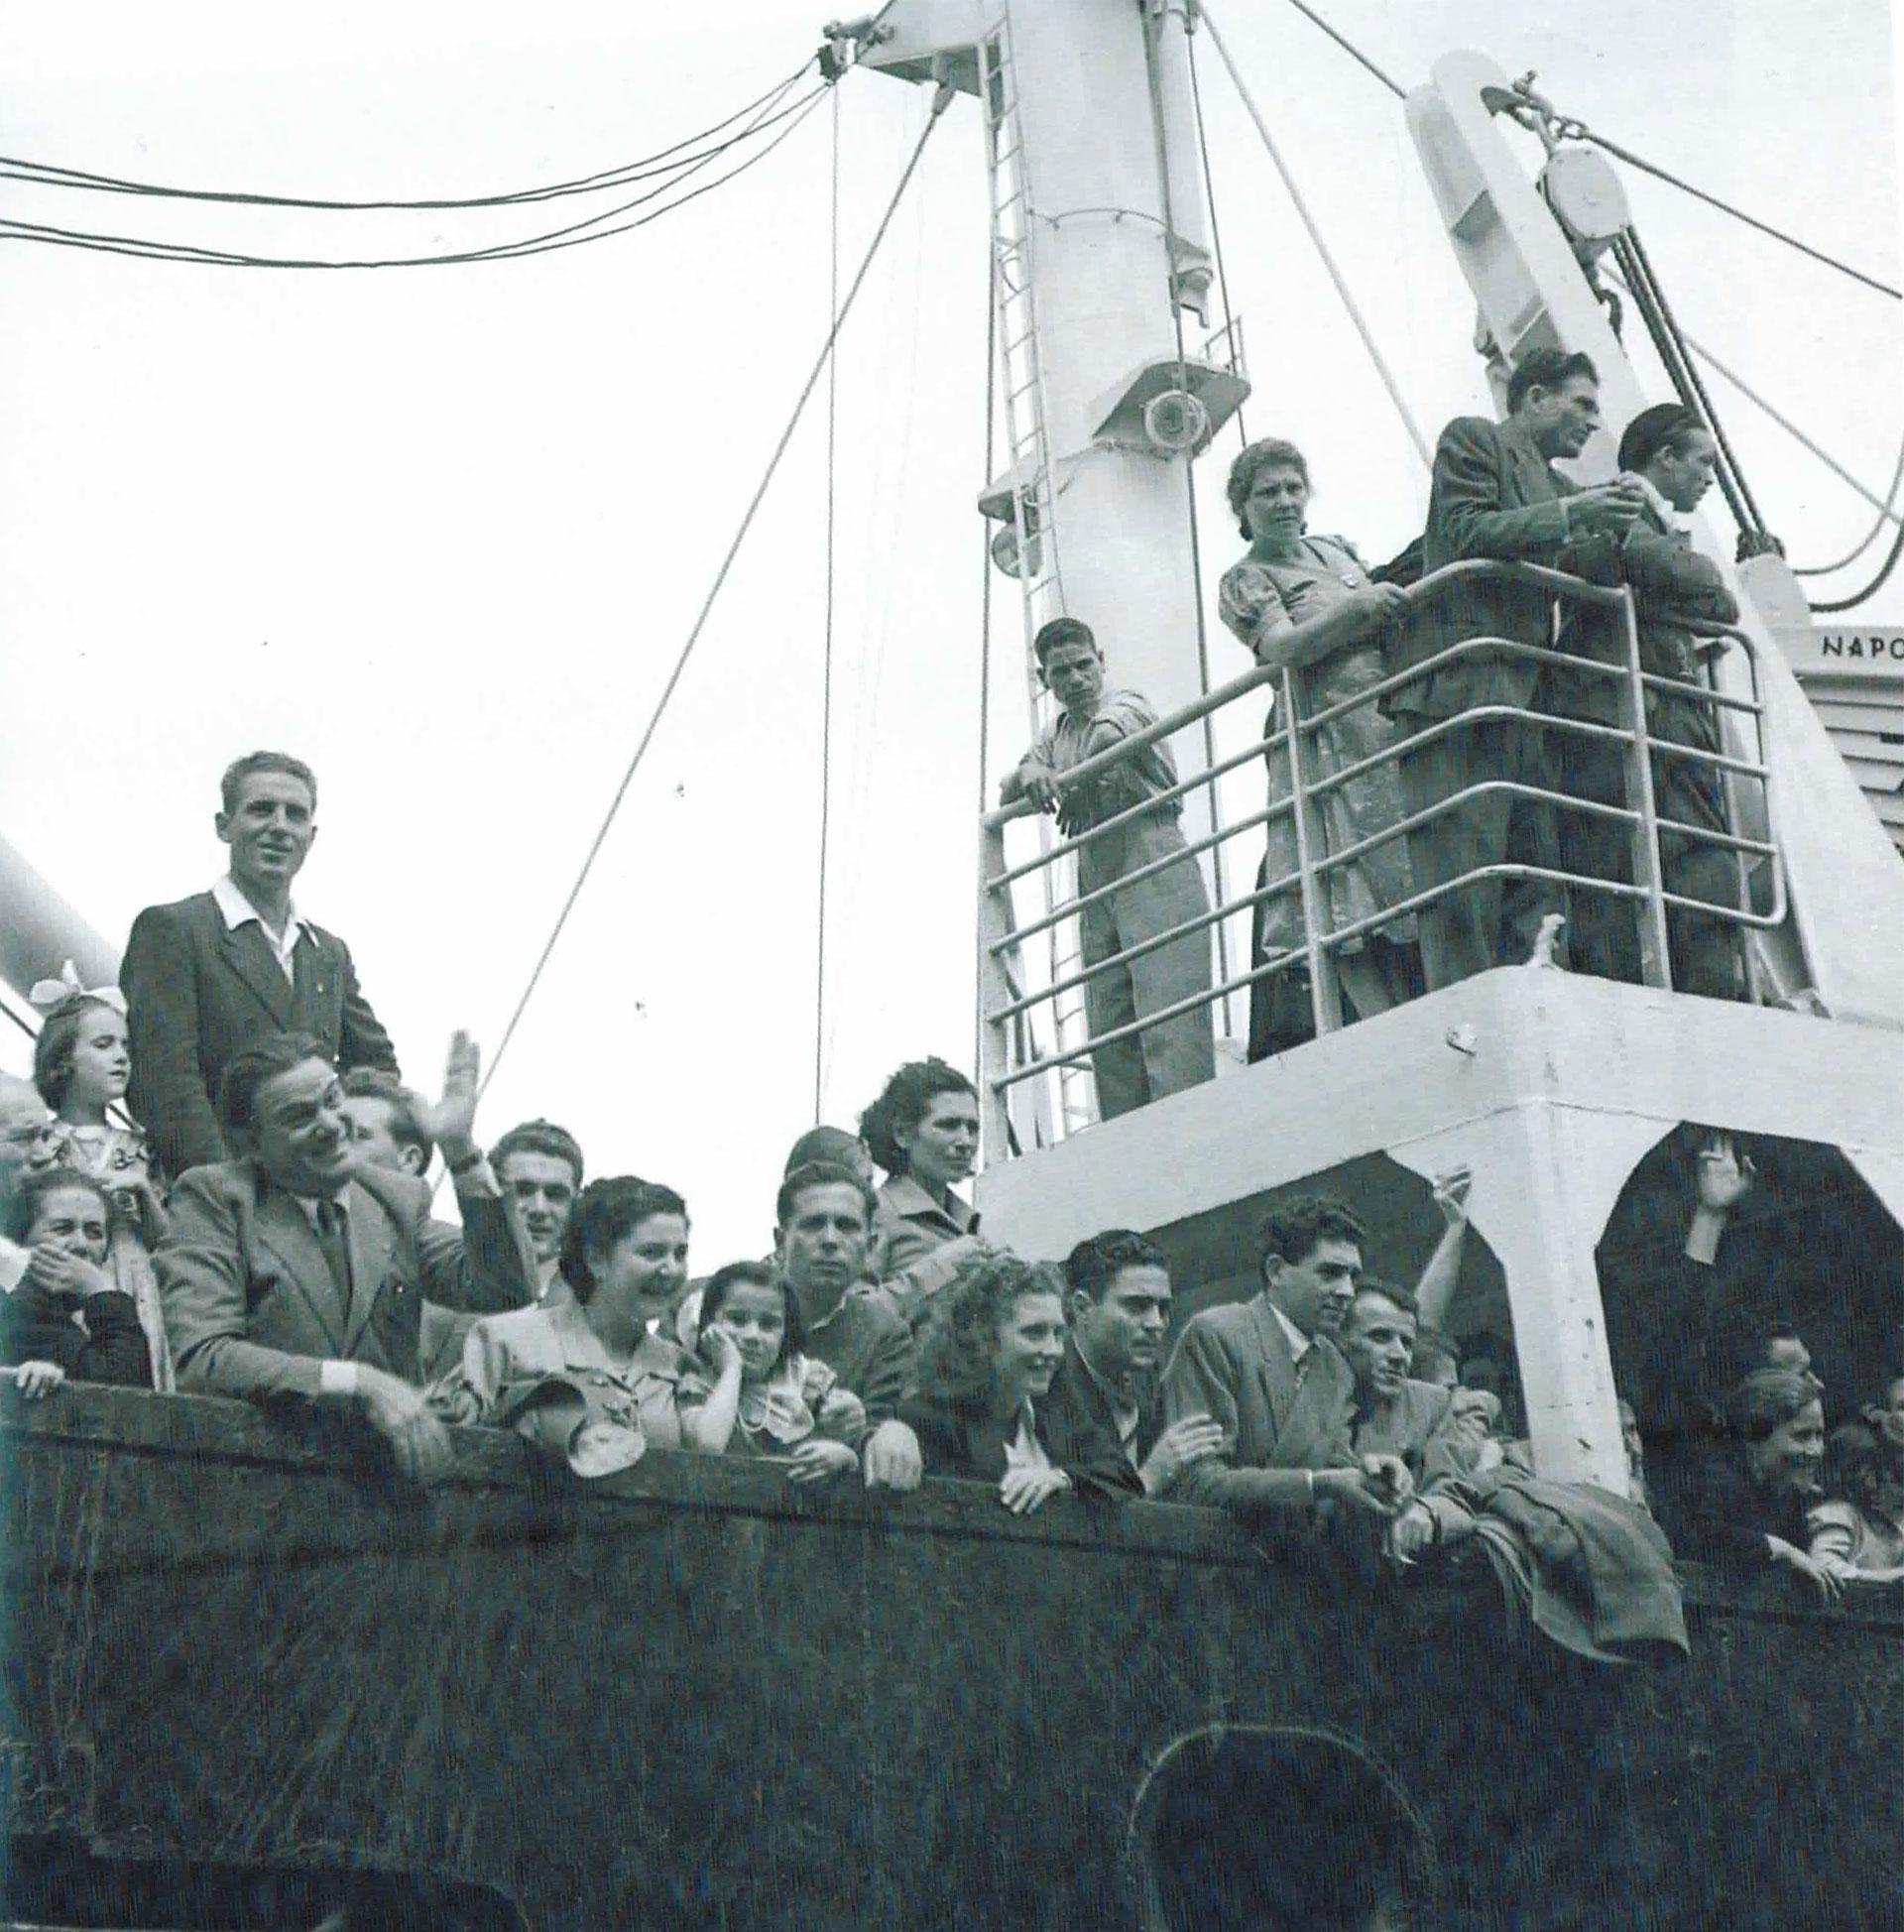 La obra de Fusco también incluye momentos de la vida cotidiana de la Argentina de entonces. Aquí, la llegada de un barco con inmigrantes al puerto de Buenos Aires